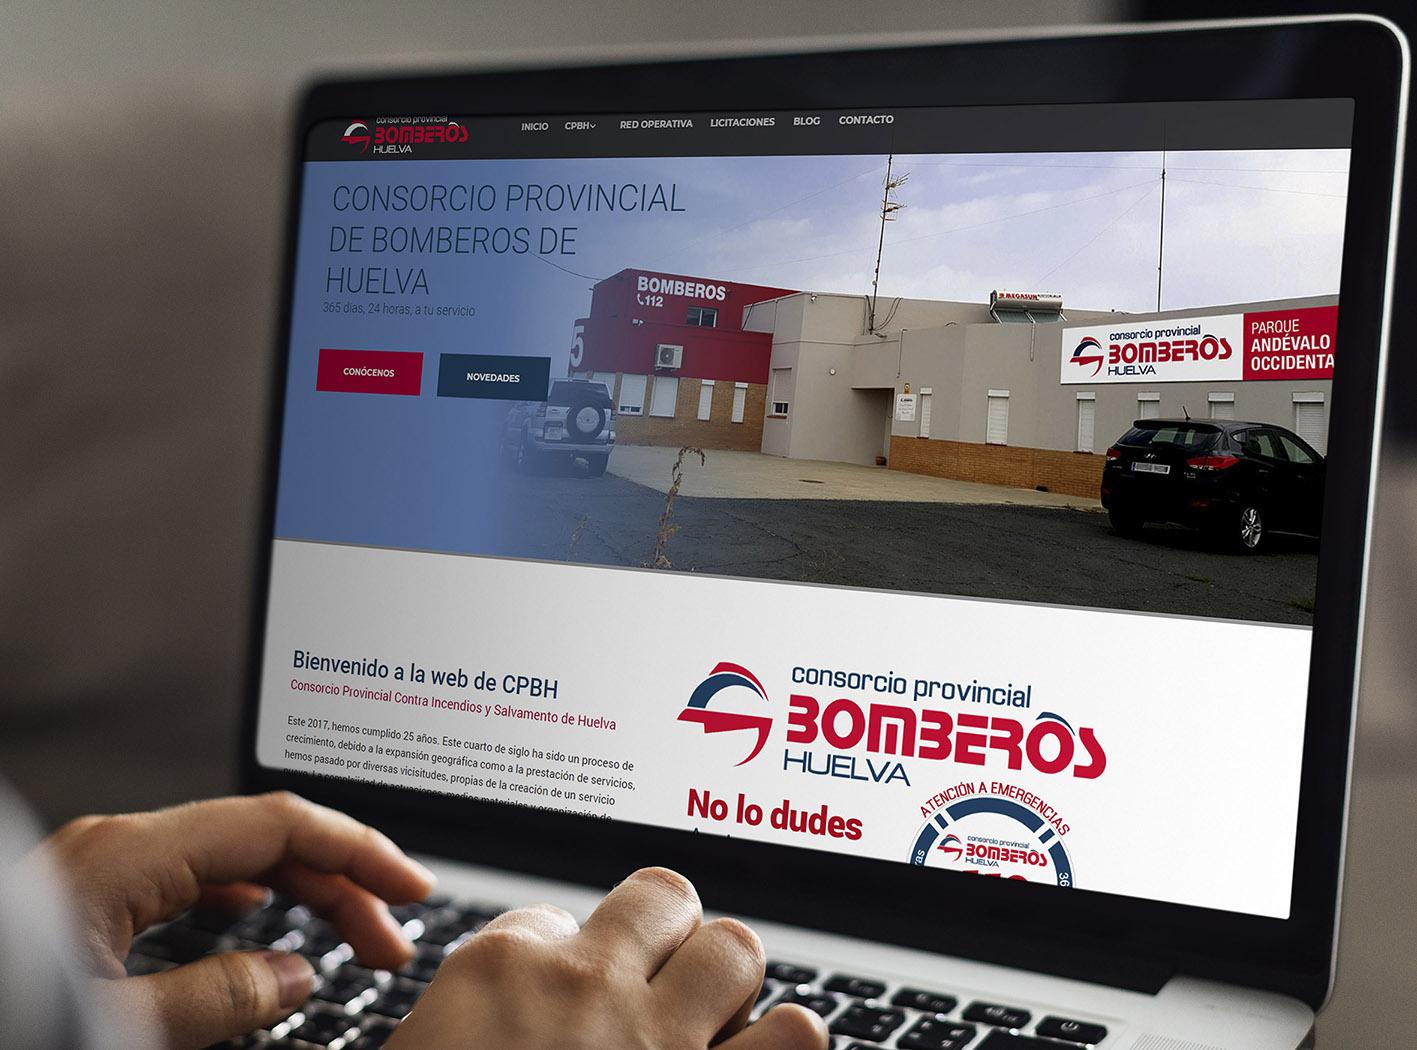 Consorcio Provincial de Bomberos de Huelva